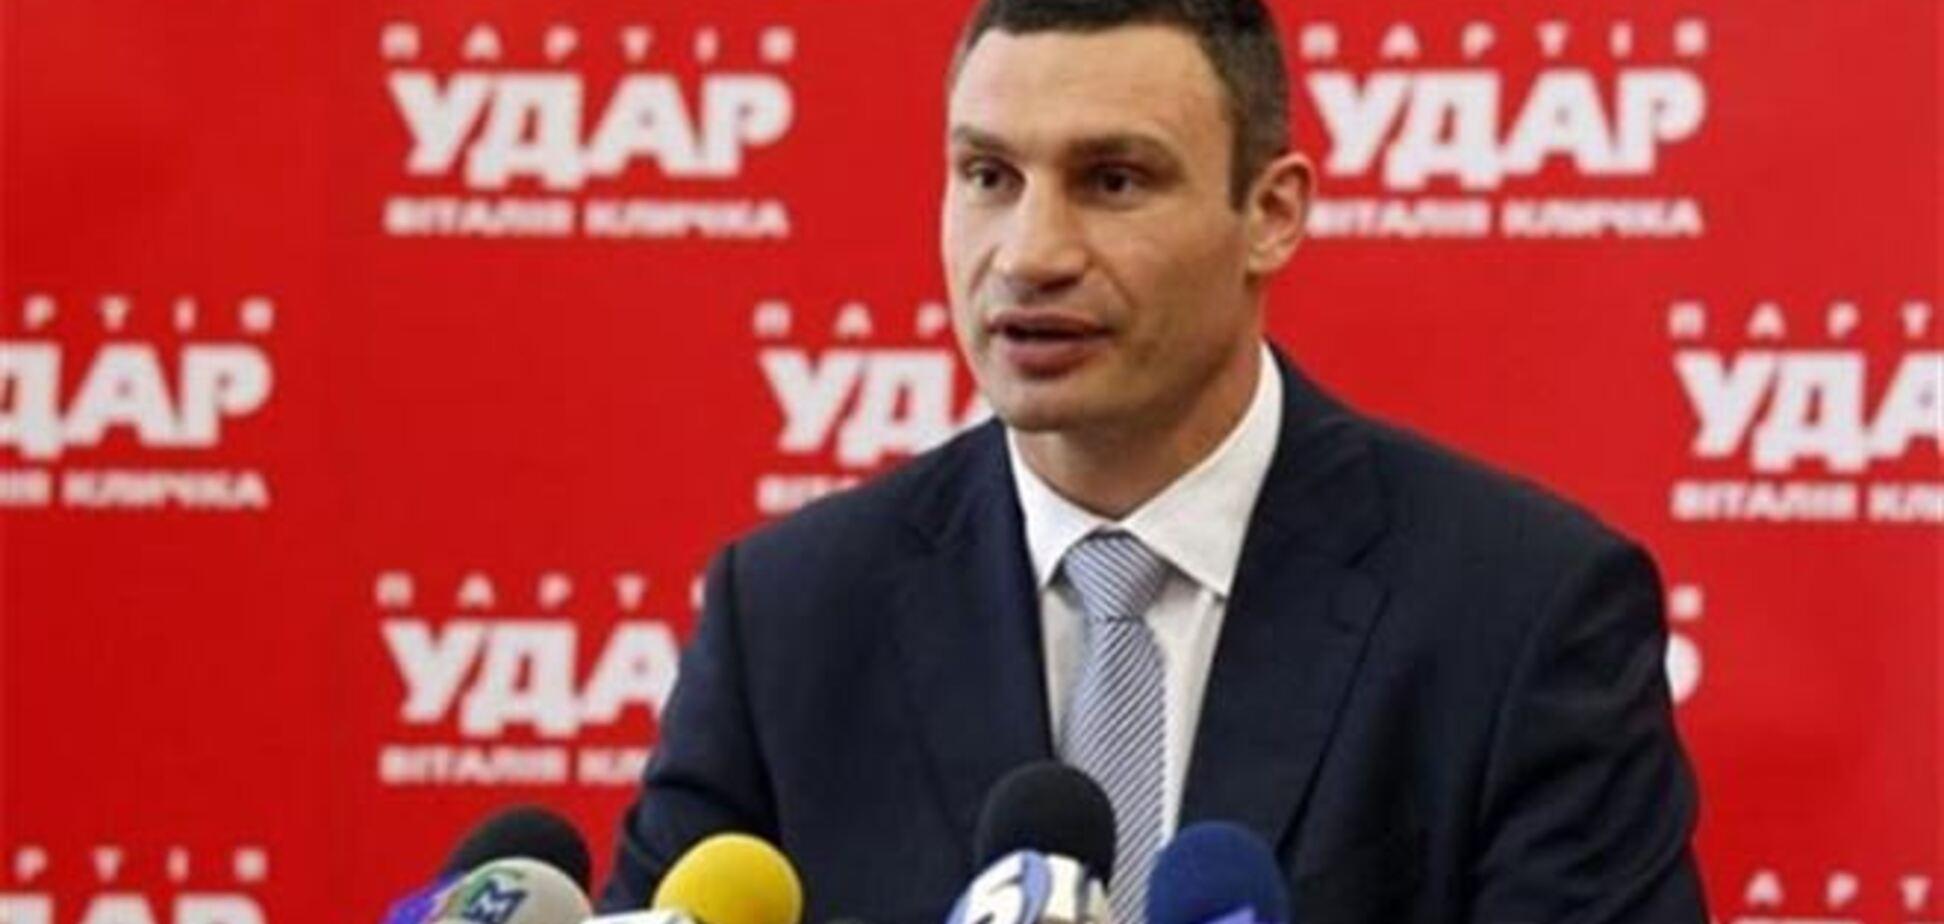 Экспертиза установила, что 'поправки Кличко' подписал Бриченко – СМИ